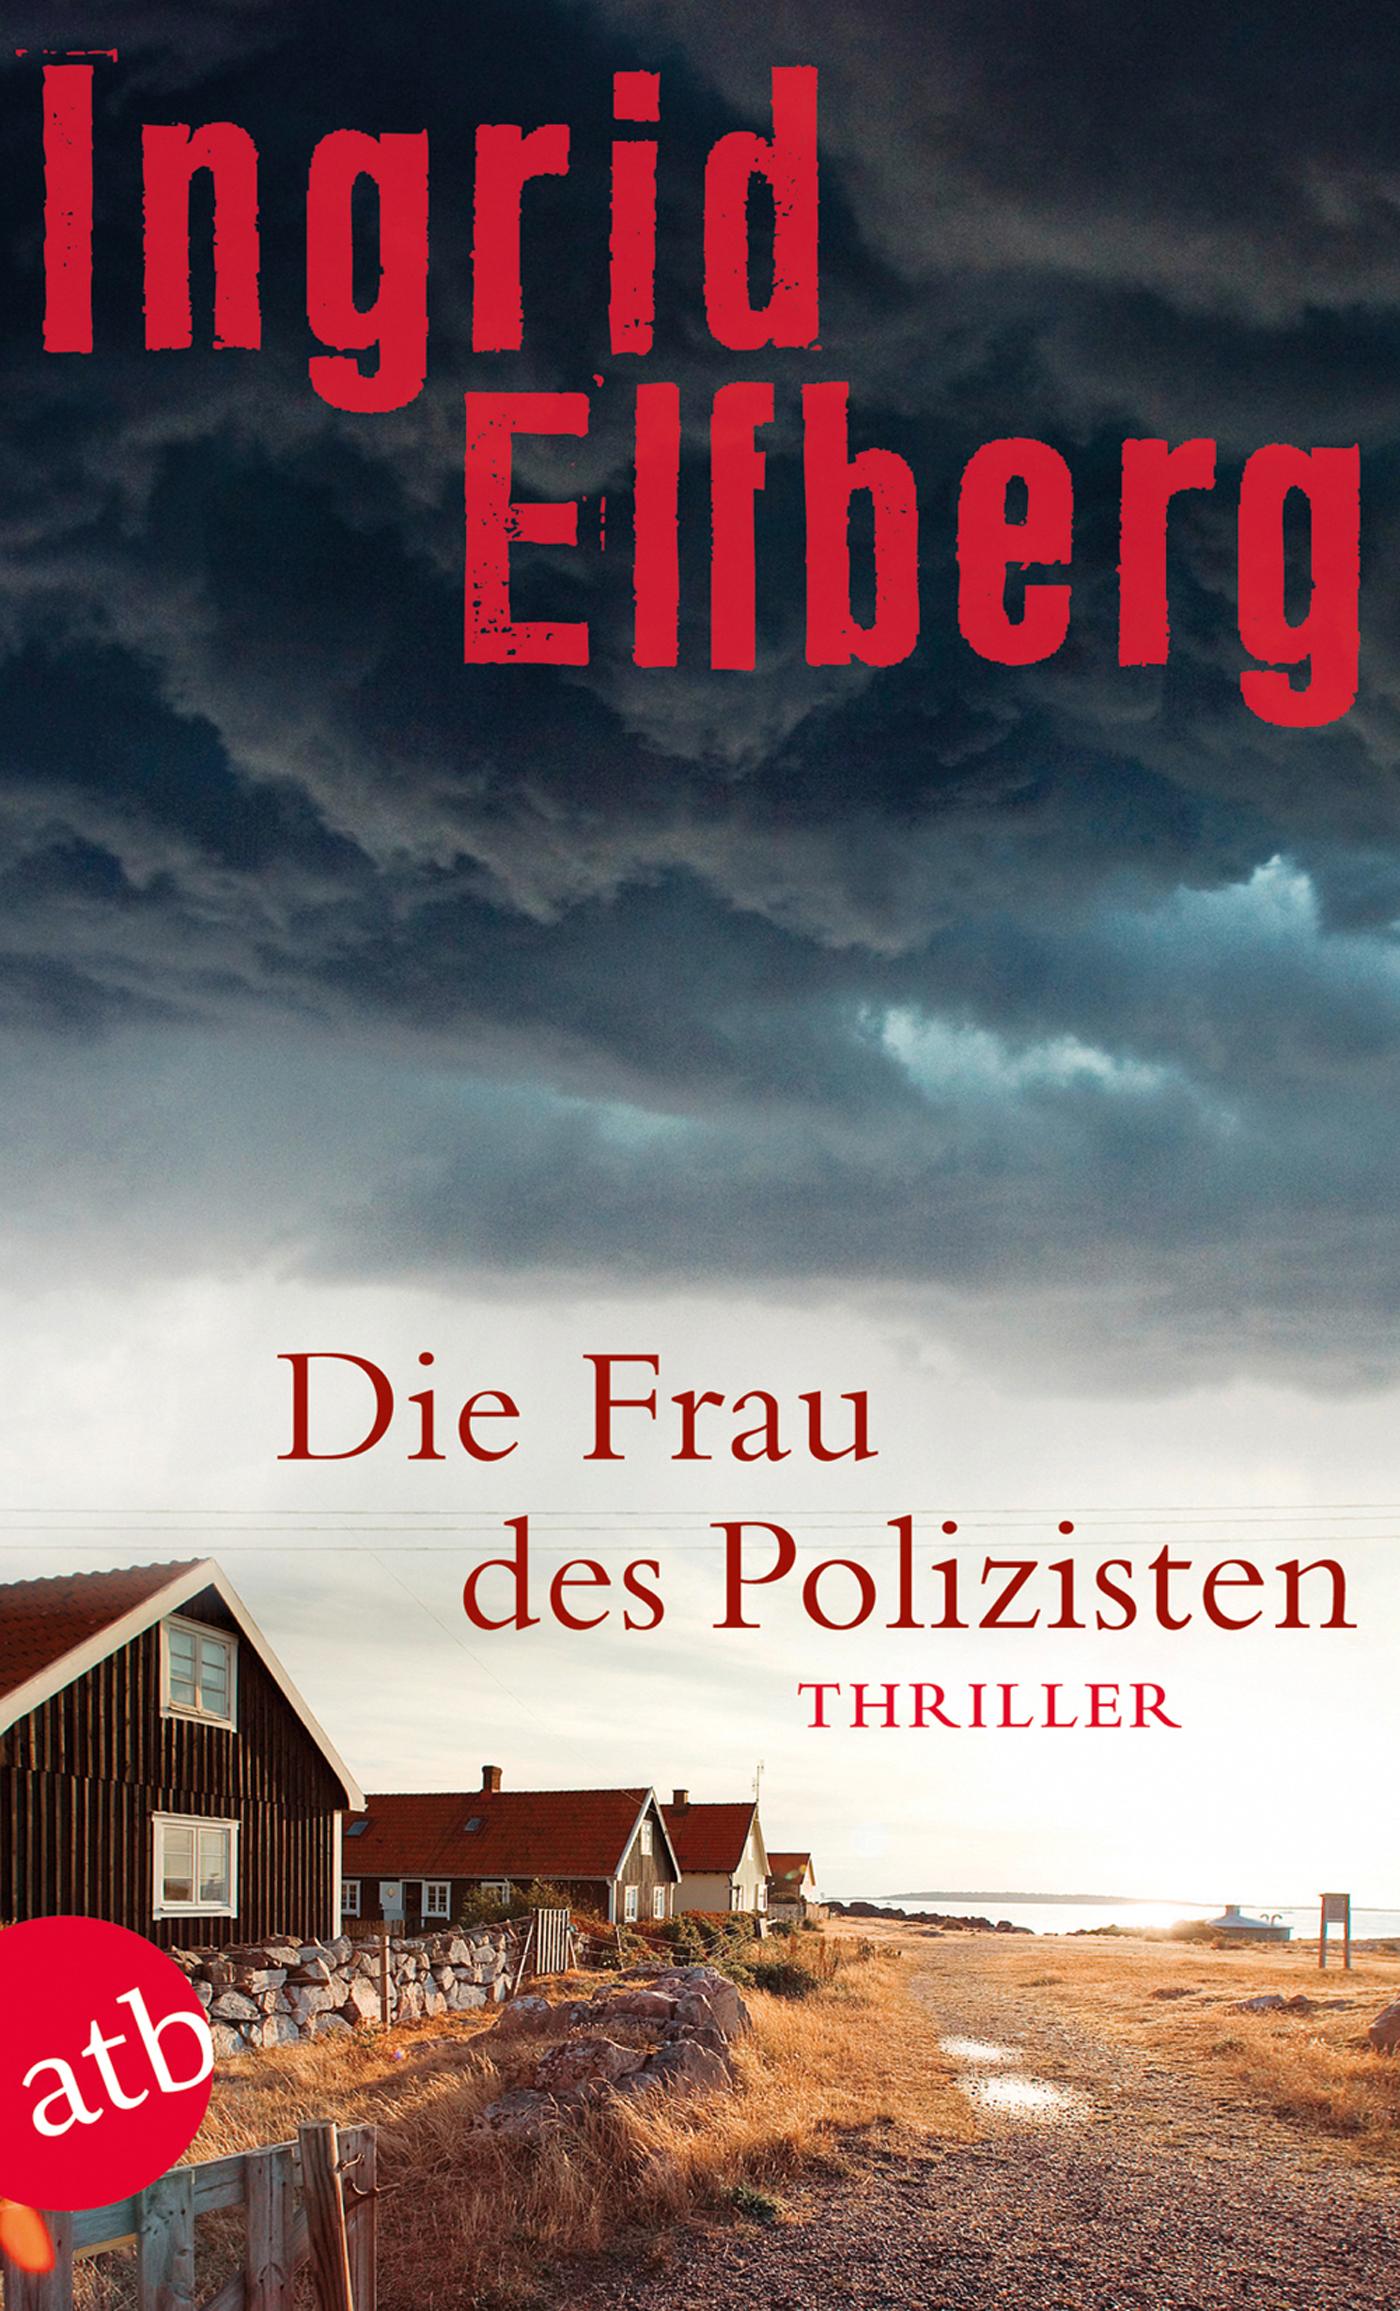 Die-Frau-des-Polizisten-Ingrid-Elfberg